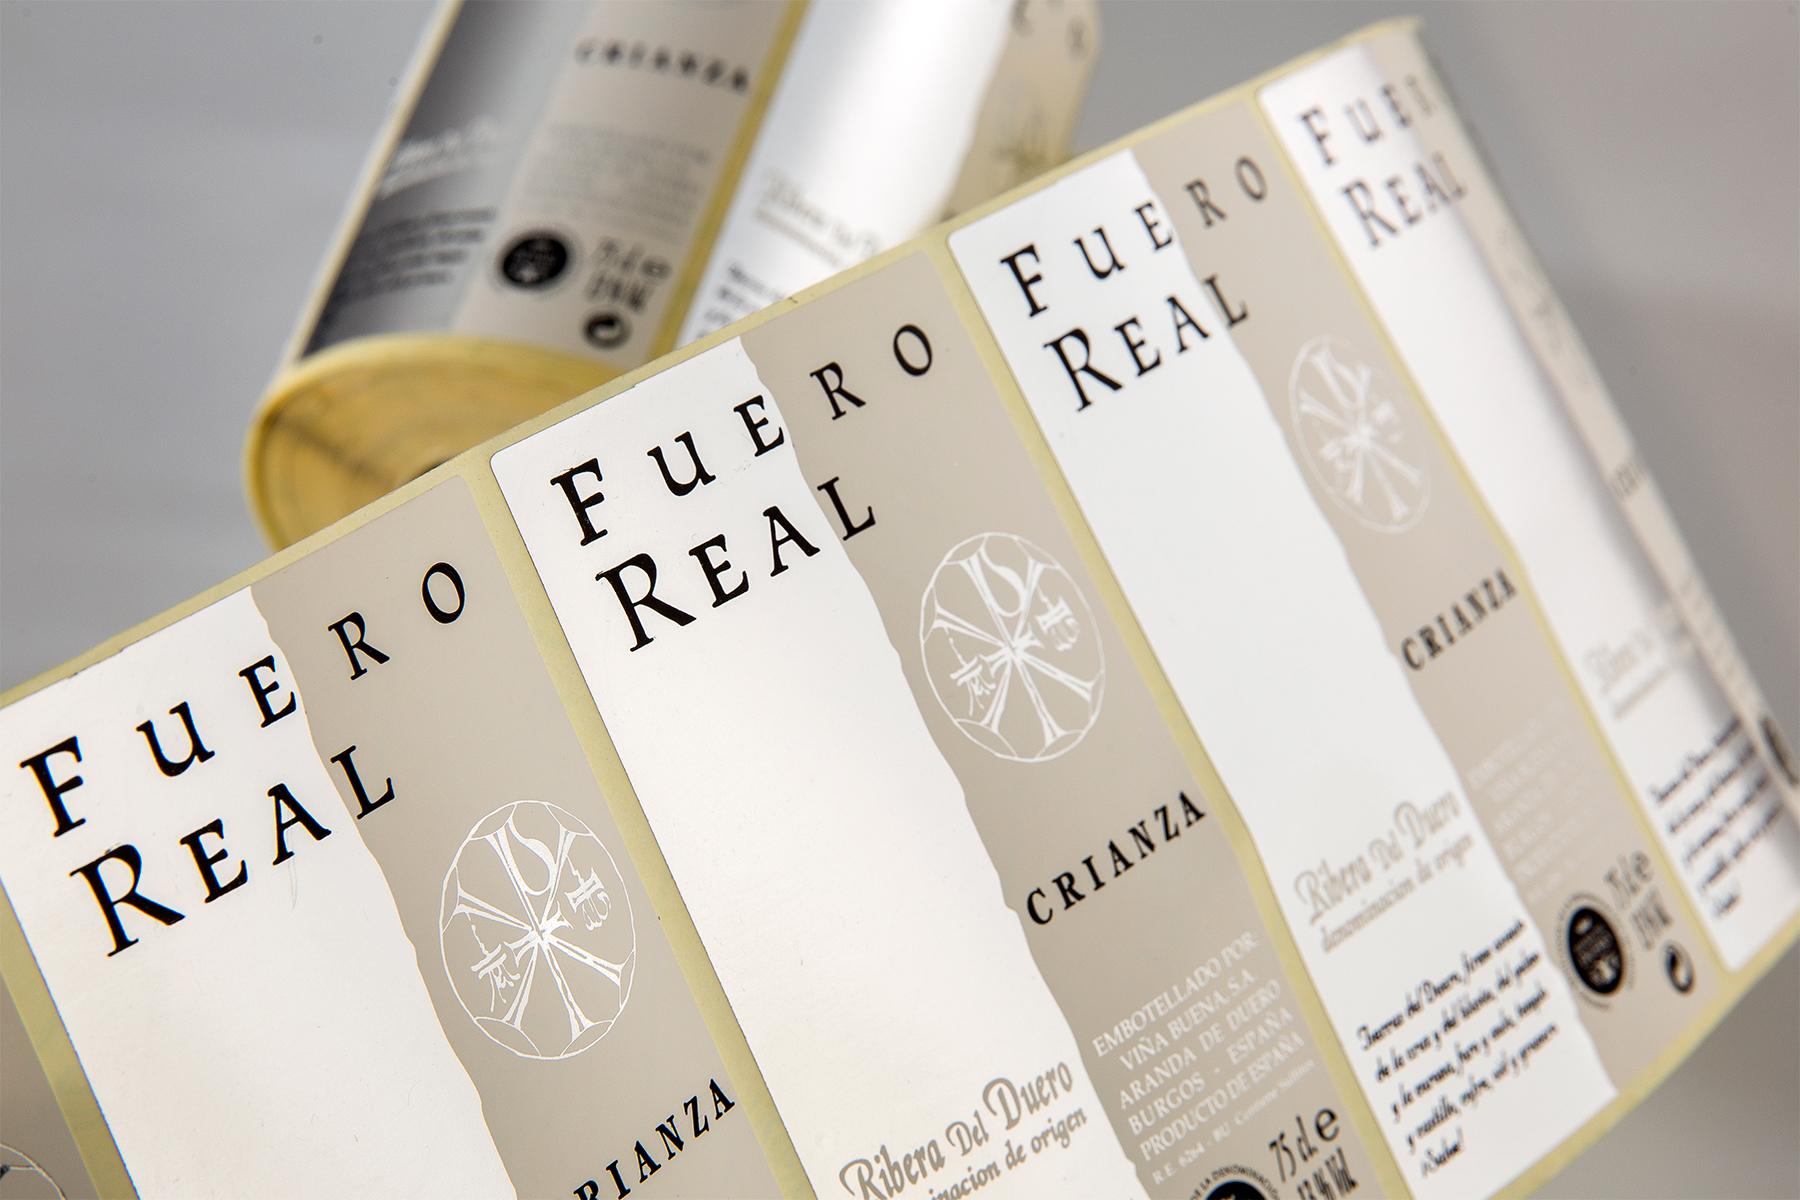 Etiqueta vino Fuero Real